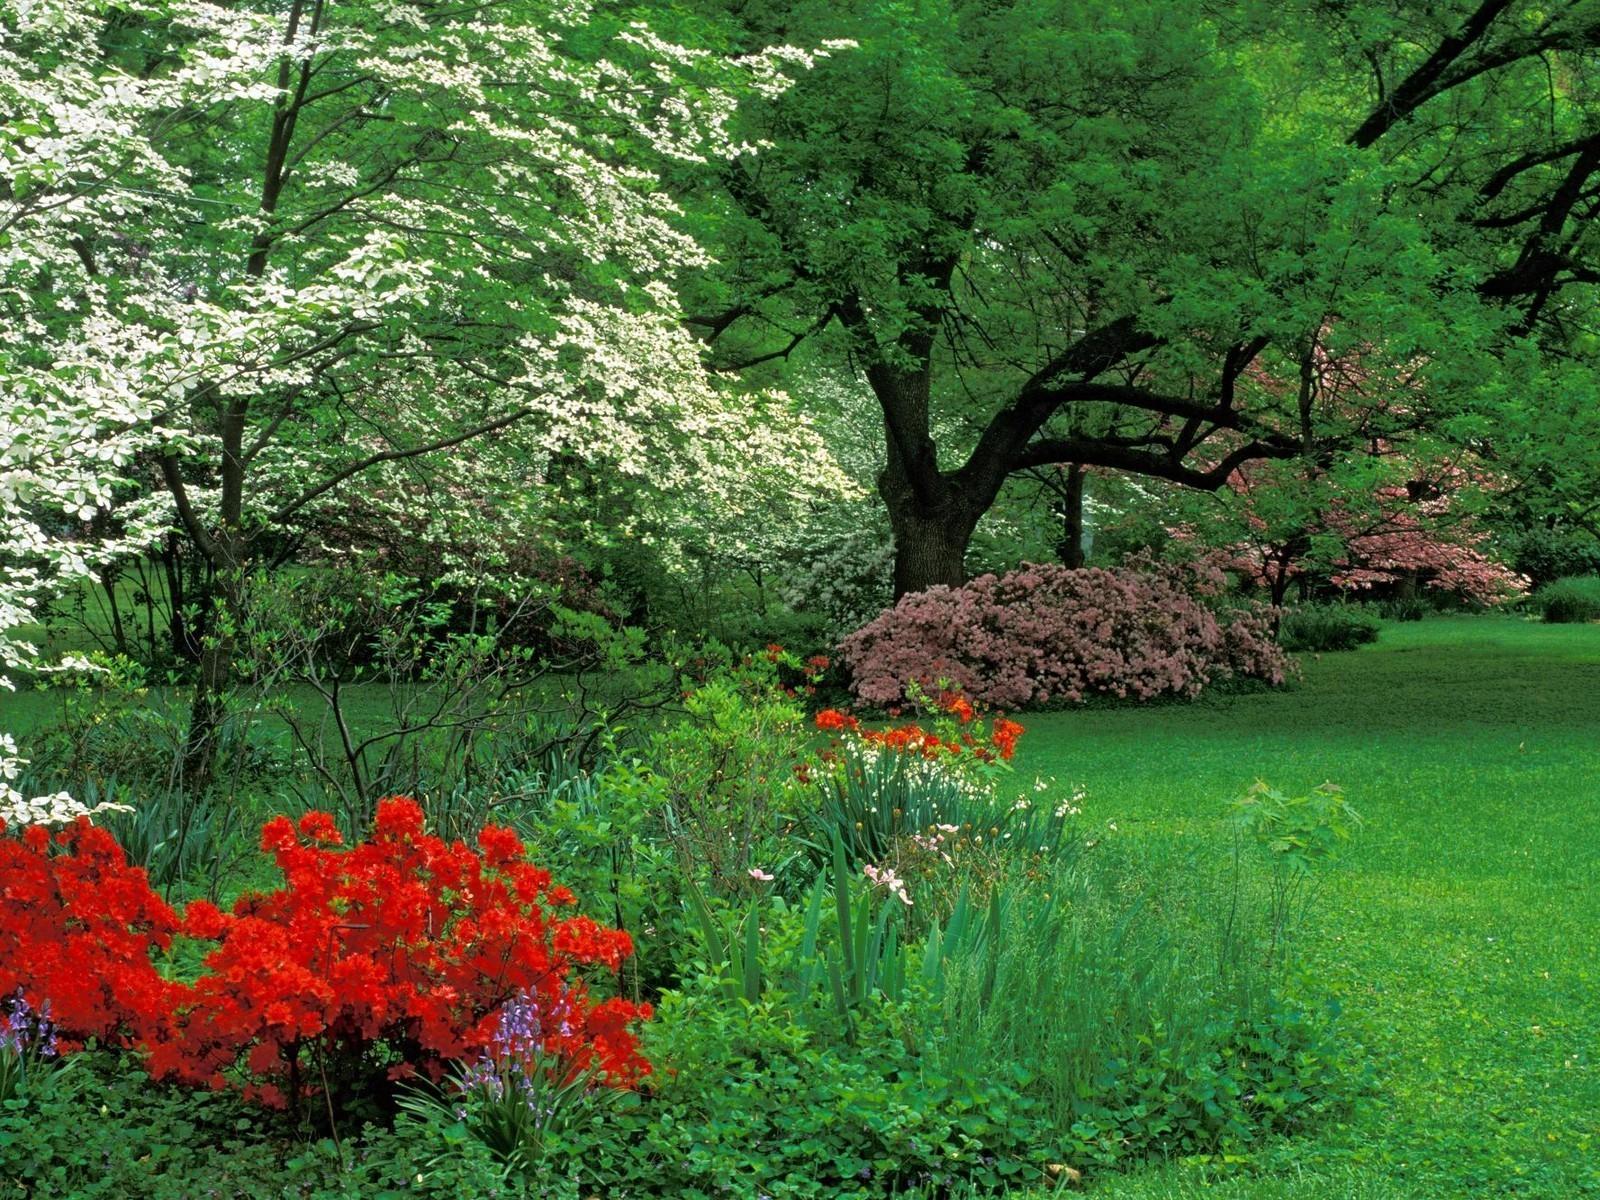 Plus imagen gratis primavera fondos hd for Jardines de primavera